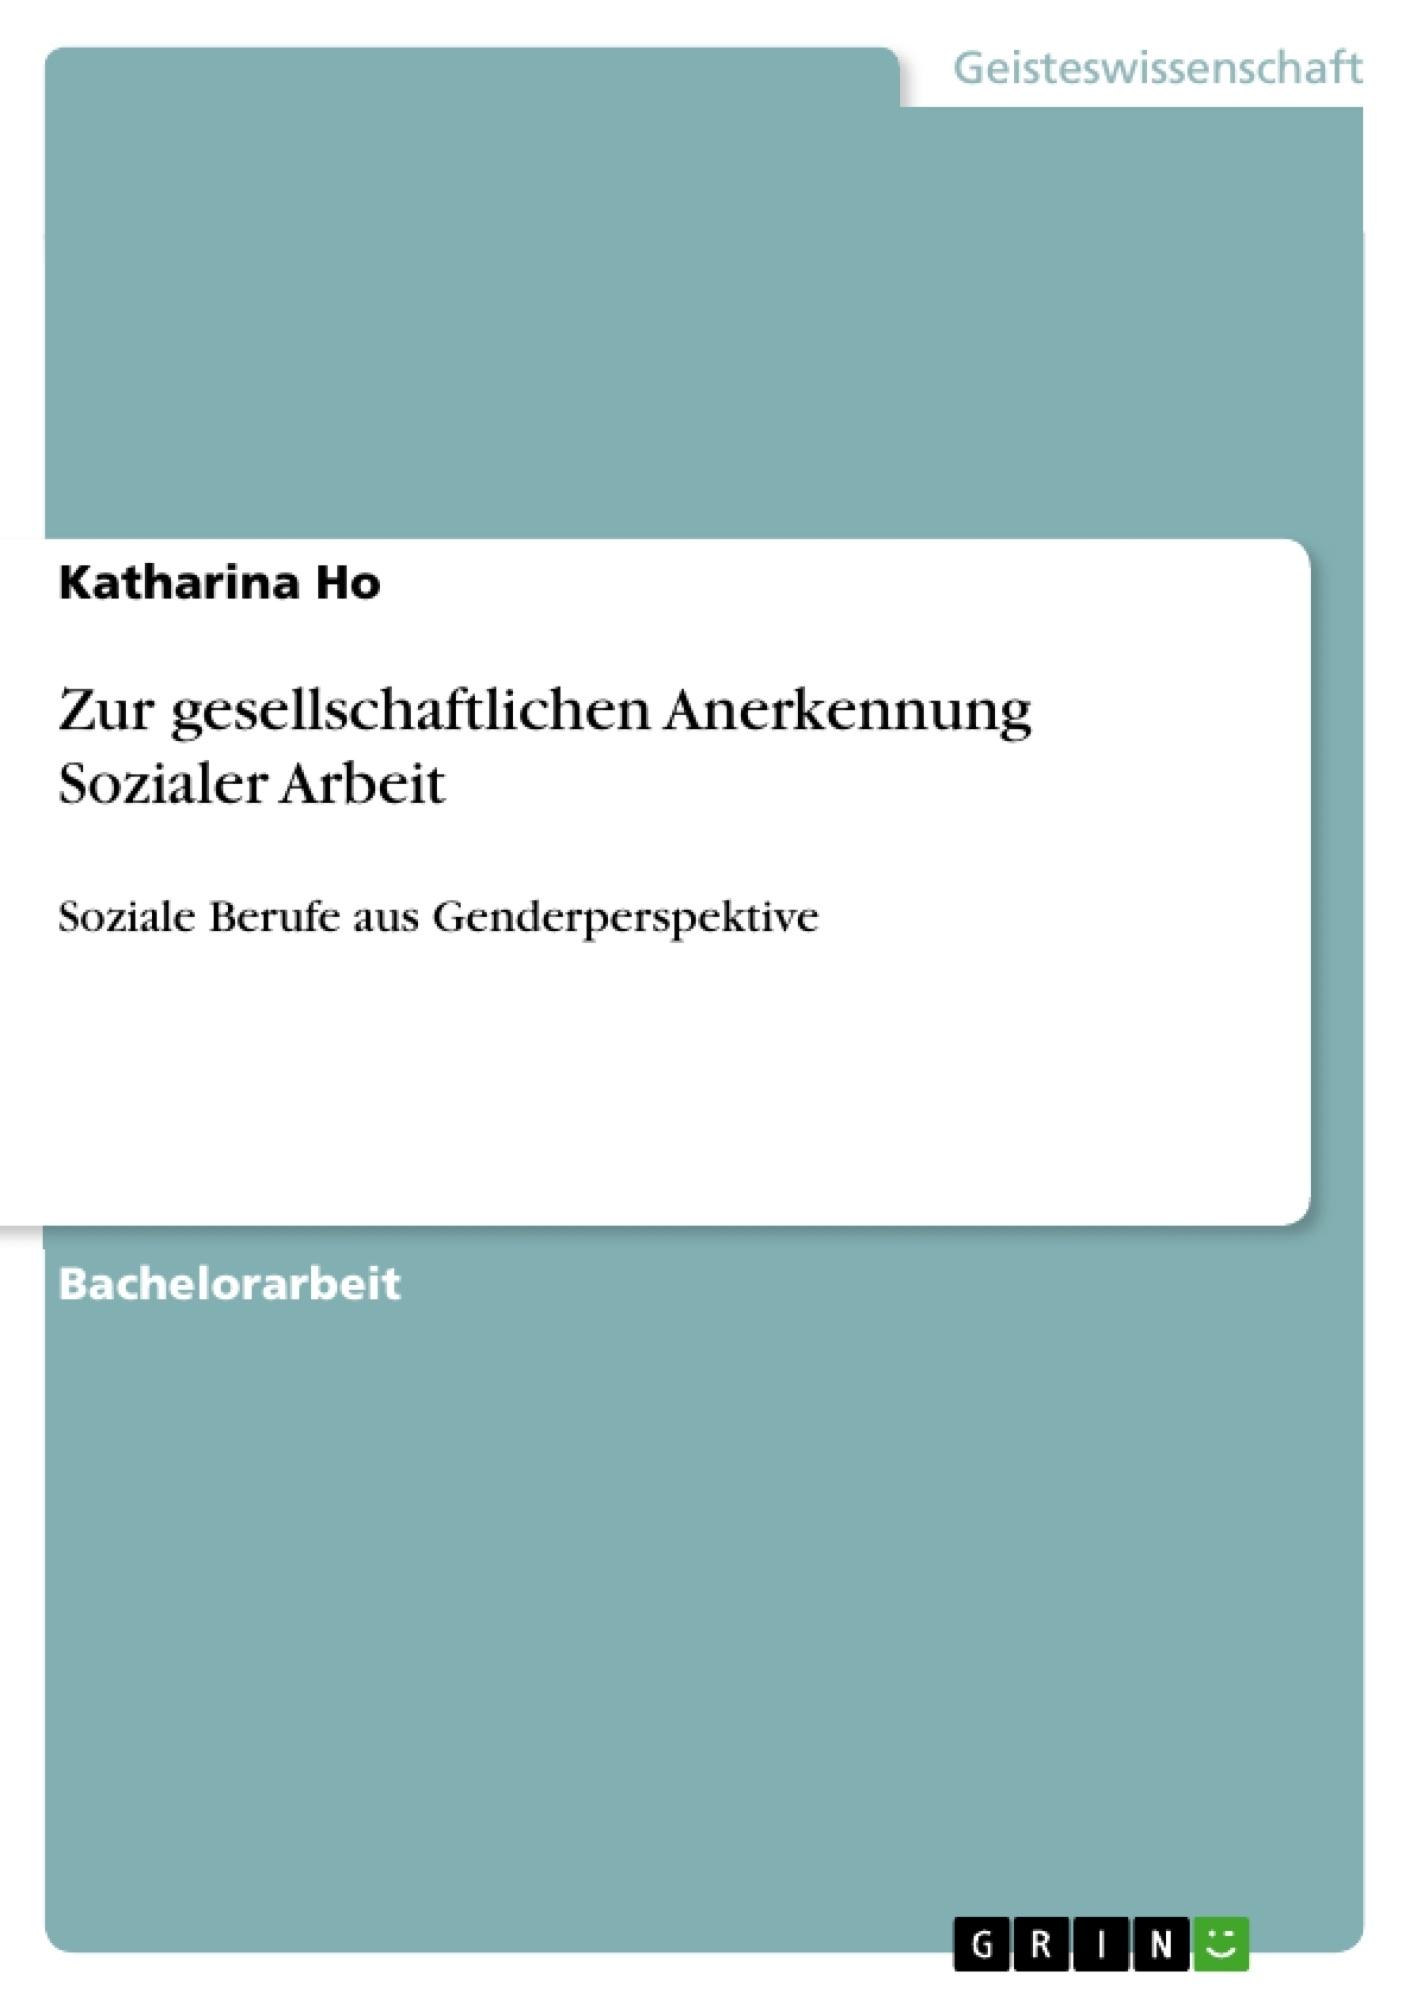 Titel: Zur gesellschaftlichen Anerkennung Sozialer Arbeit